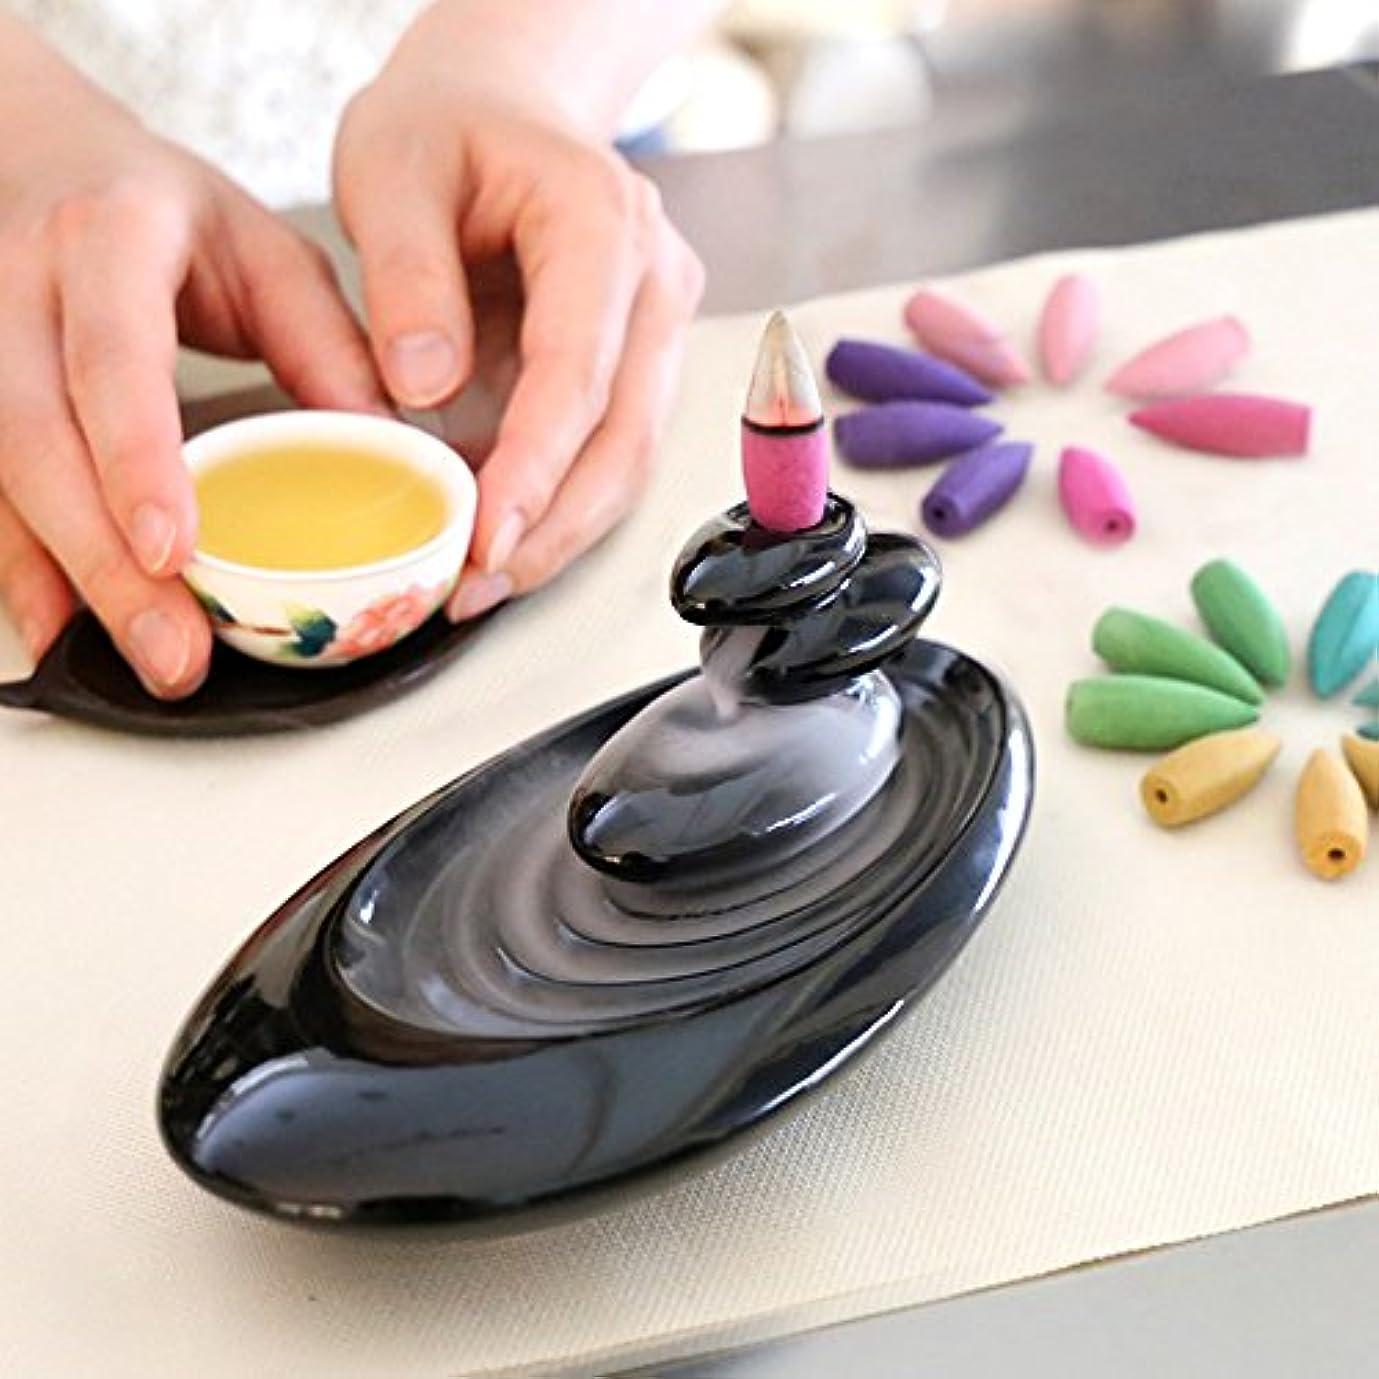 交換可能大きさ乱れ倒流香 香炉 シンプル 6種の香り アロマ香炉 ギフトBOX仕様 アロマインセンス 逆流香 誕生日 プレゼント (誕生日カード)